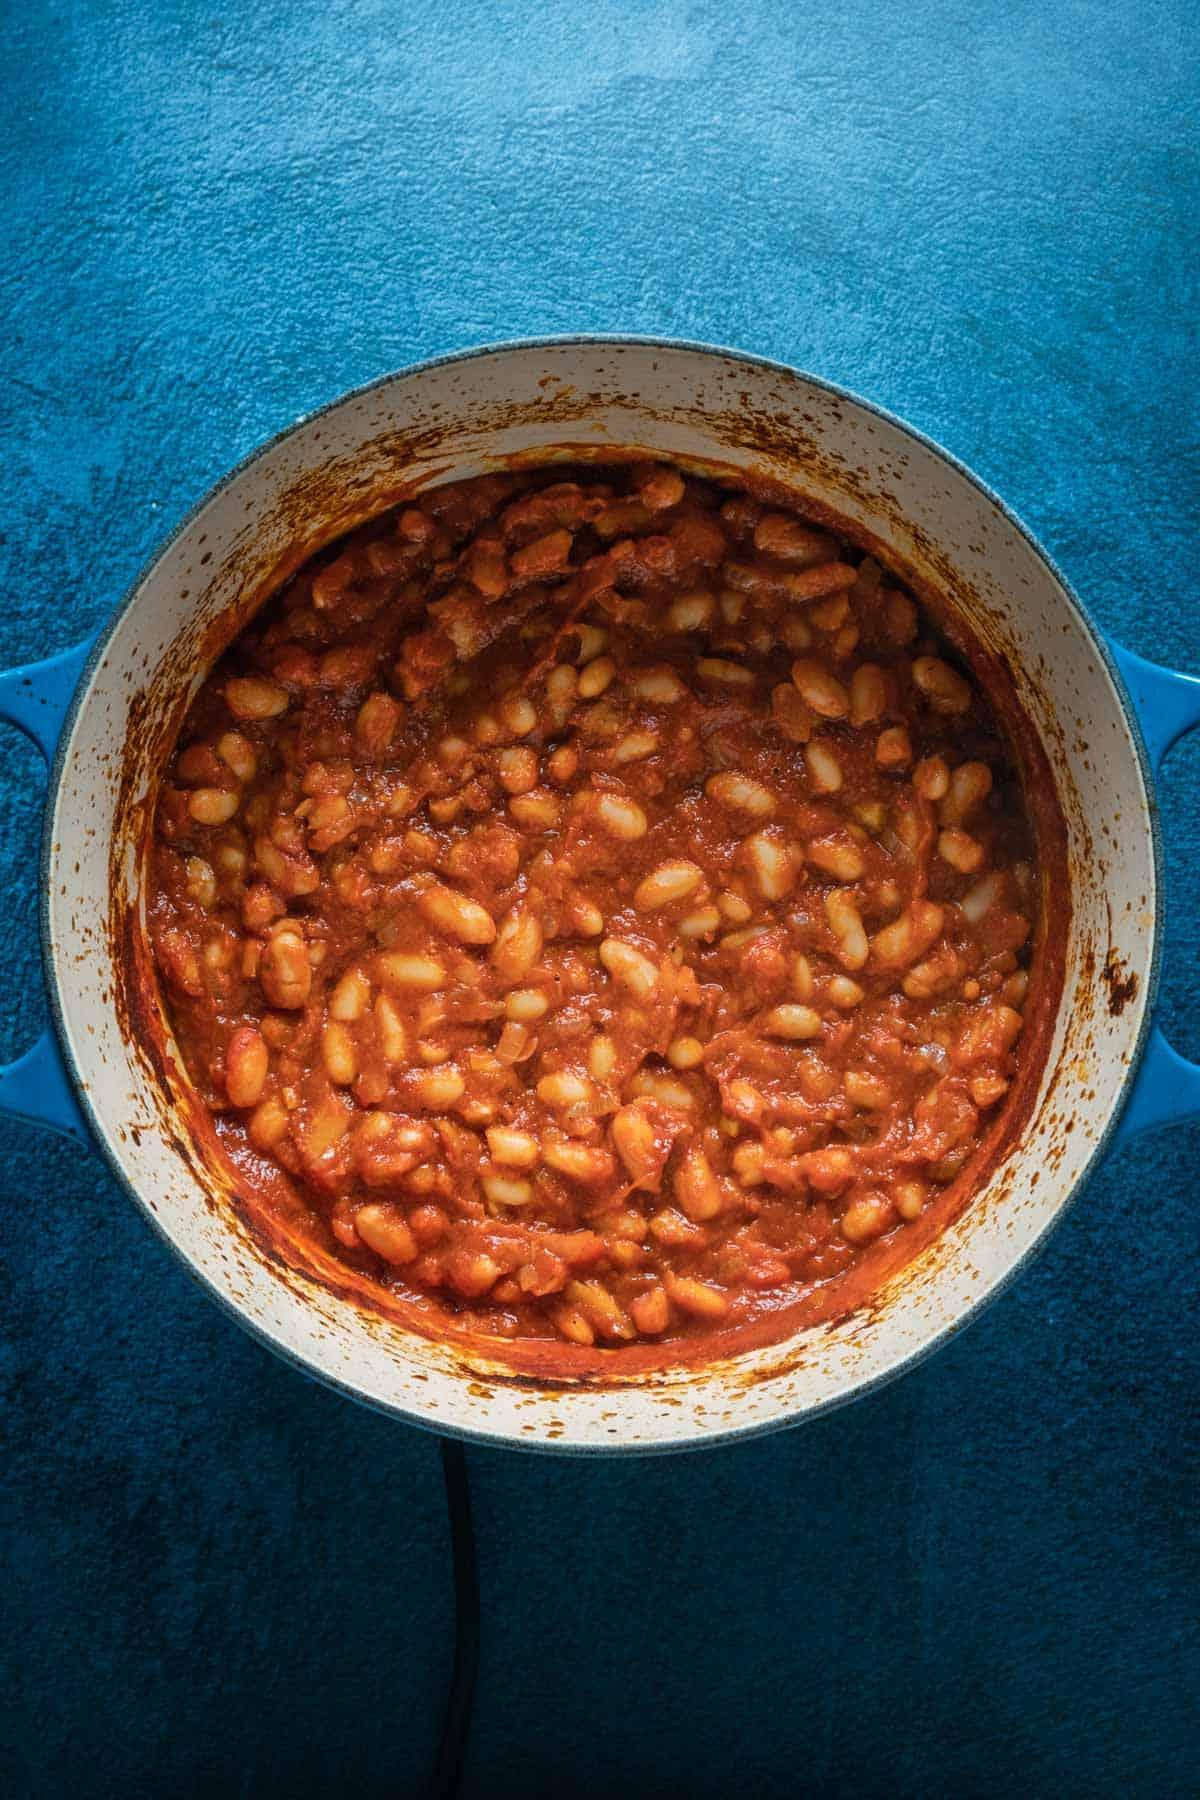 Vegan baked beans in a pot.